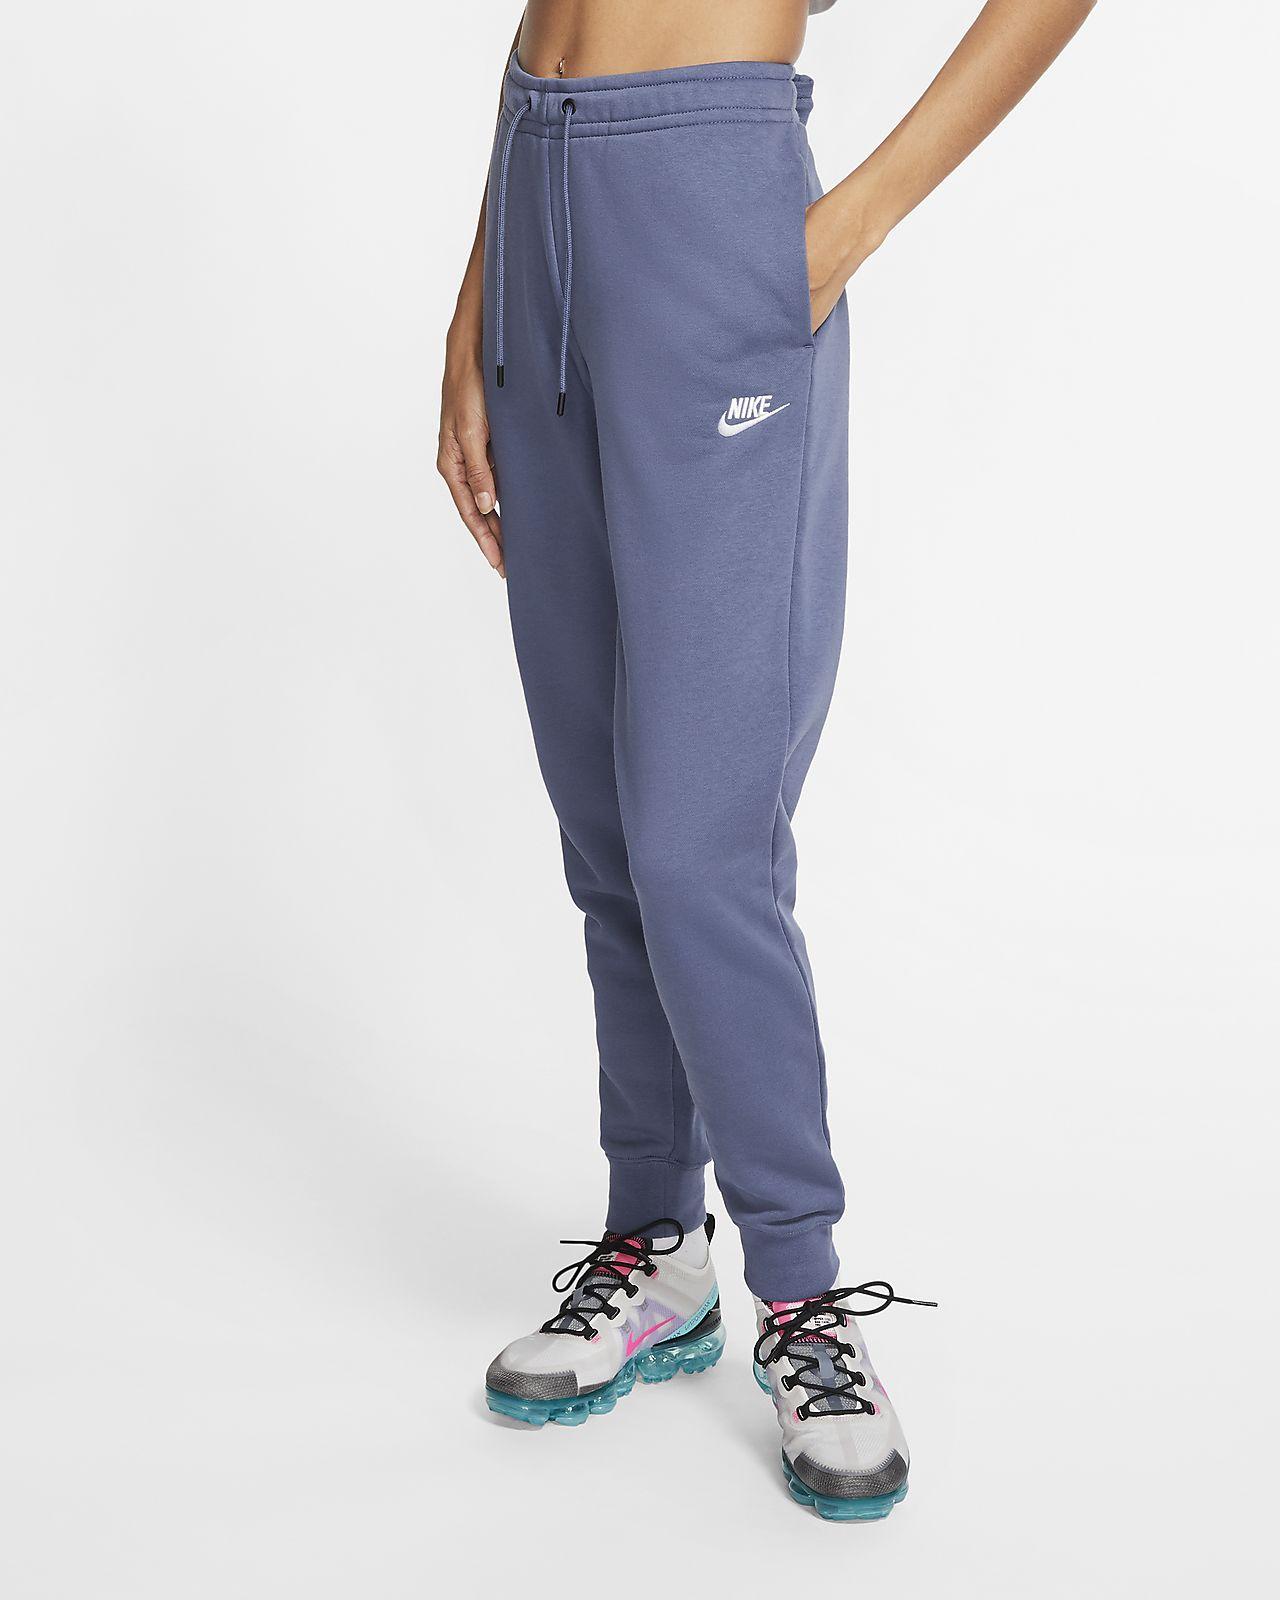 nike sportswear essential women's fleece pants nike